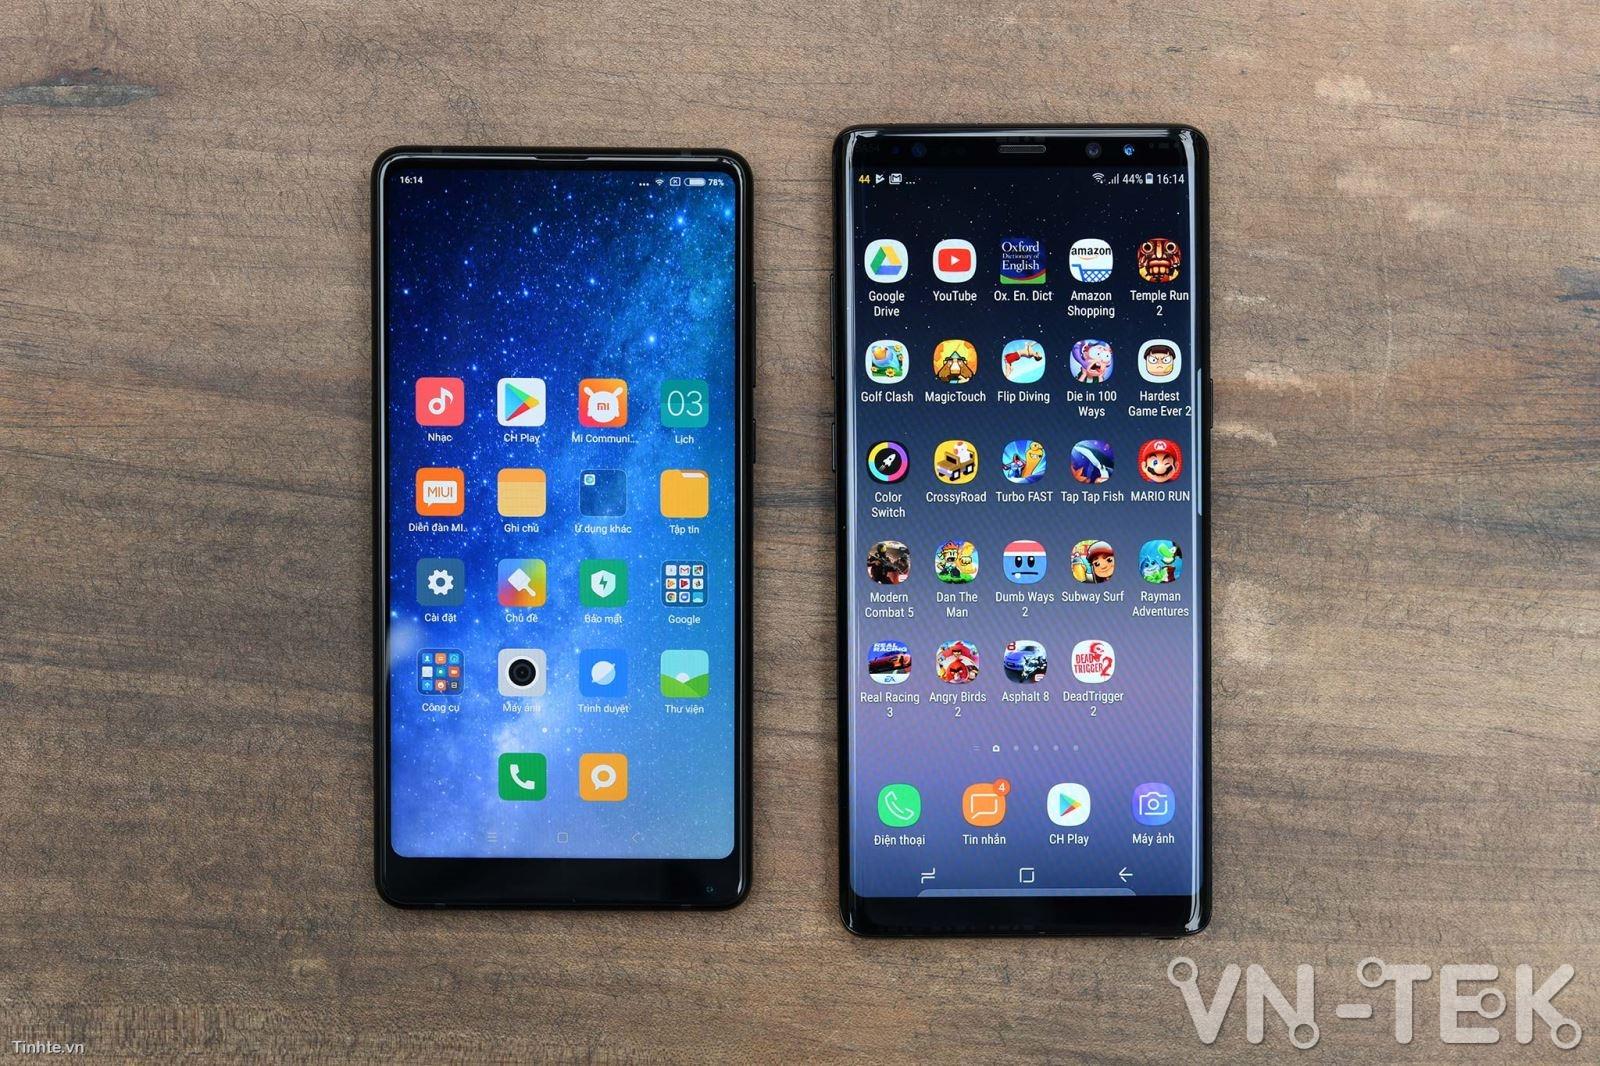 galaxy note8 xiaomi mi mix 2 1 - Galaxy Note8 và Xiaomi Mi Mix 2 cuộc chiến màn hình vô cực